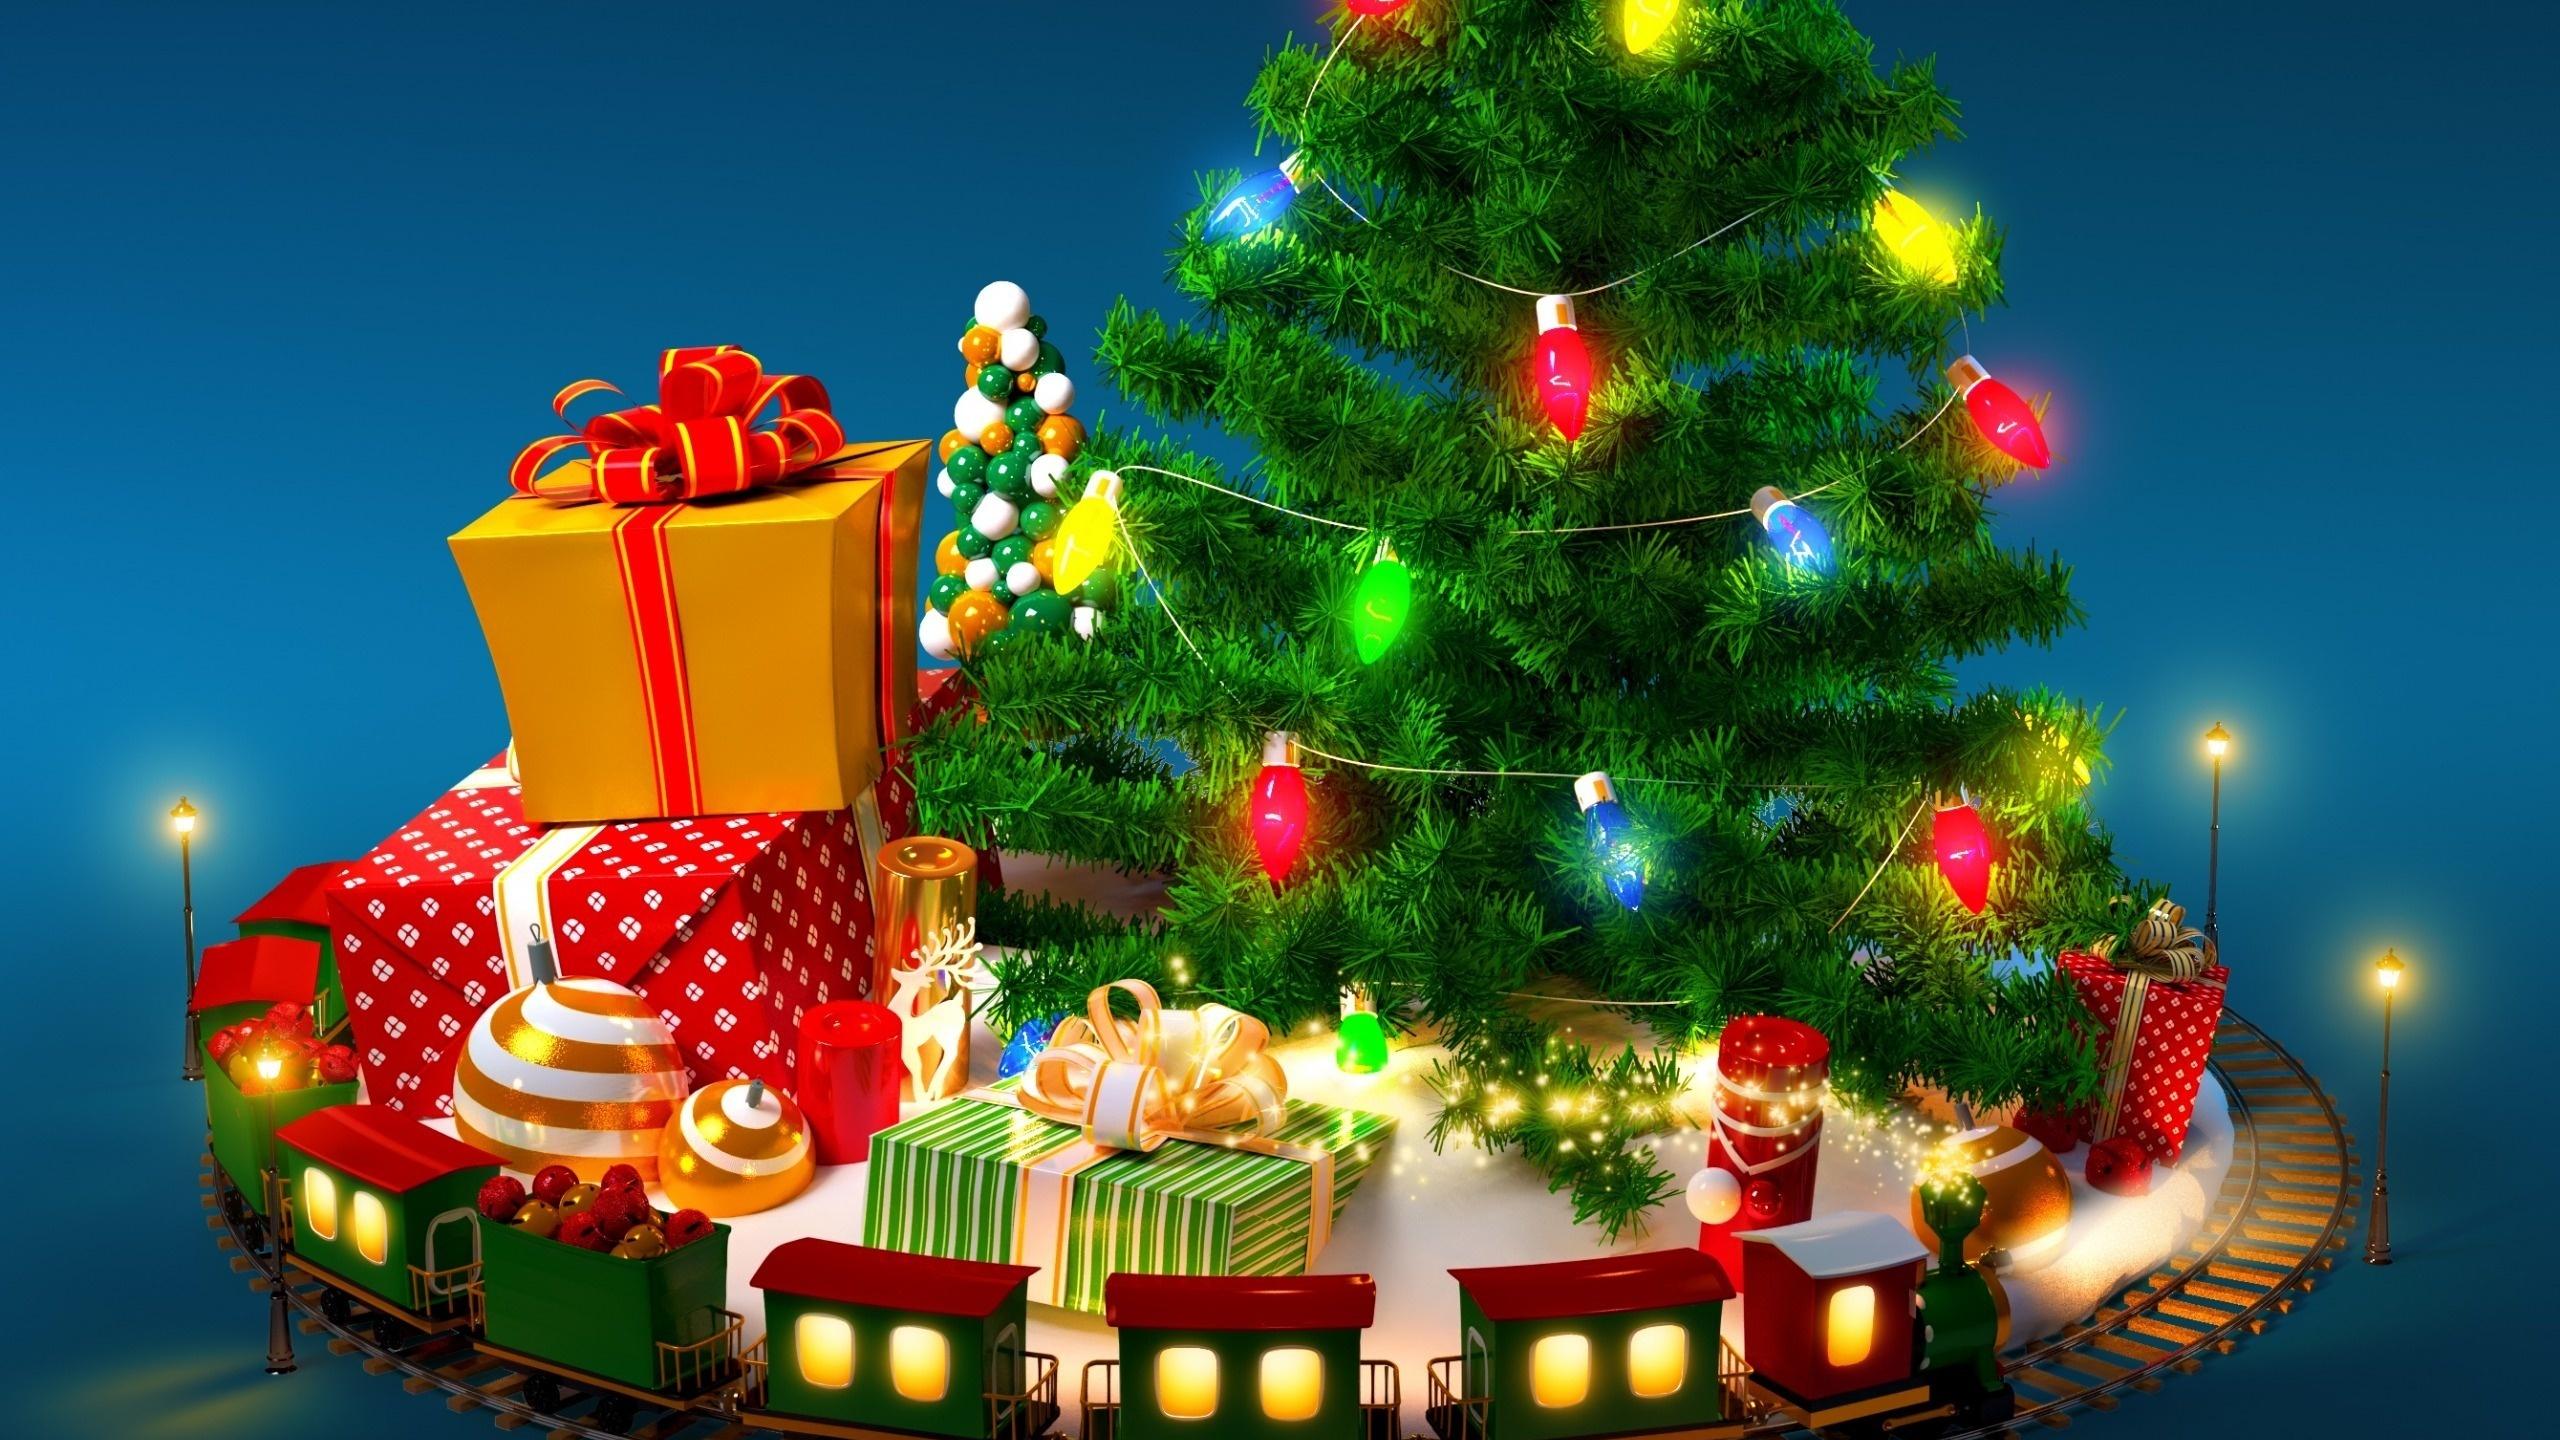 Картинки с новым годом с елкой